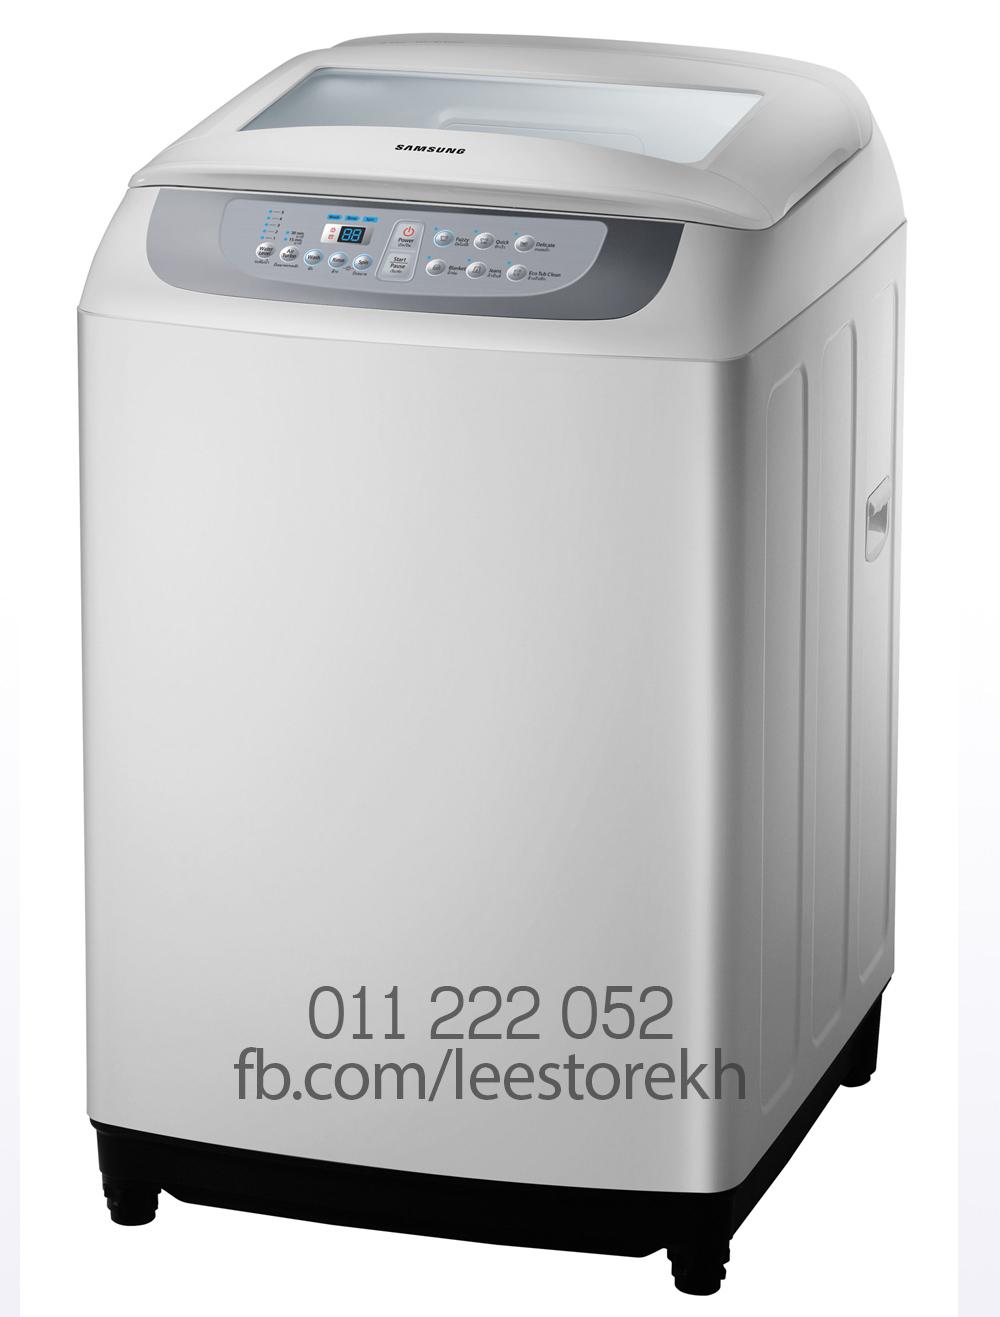 new washing machine price